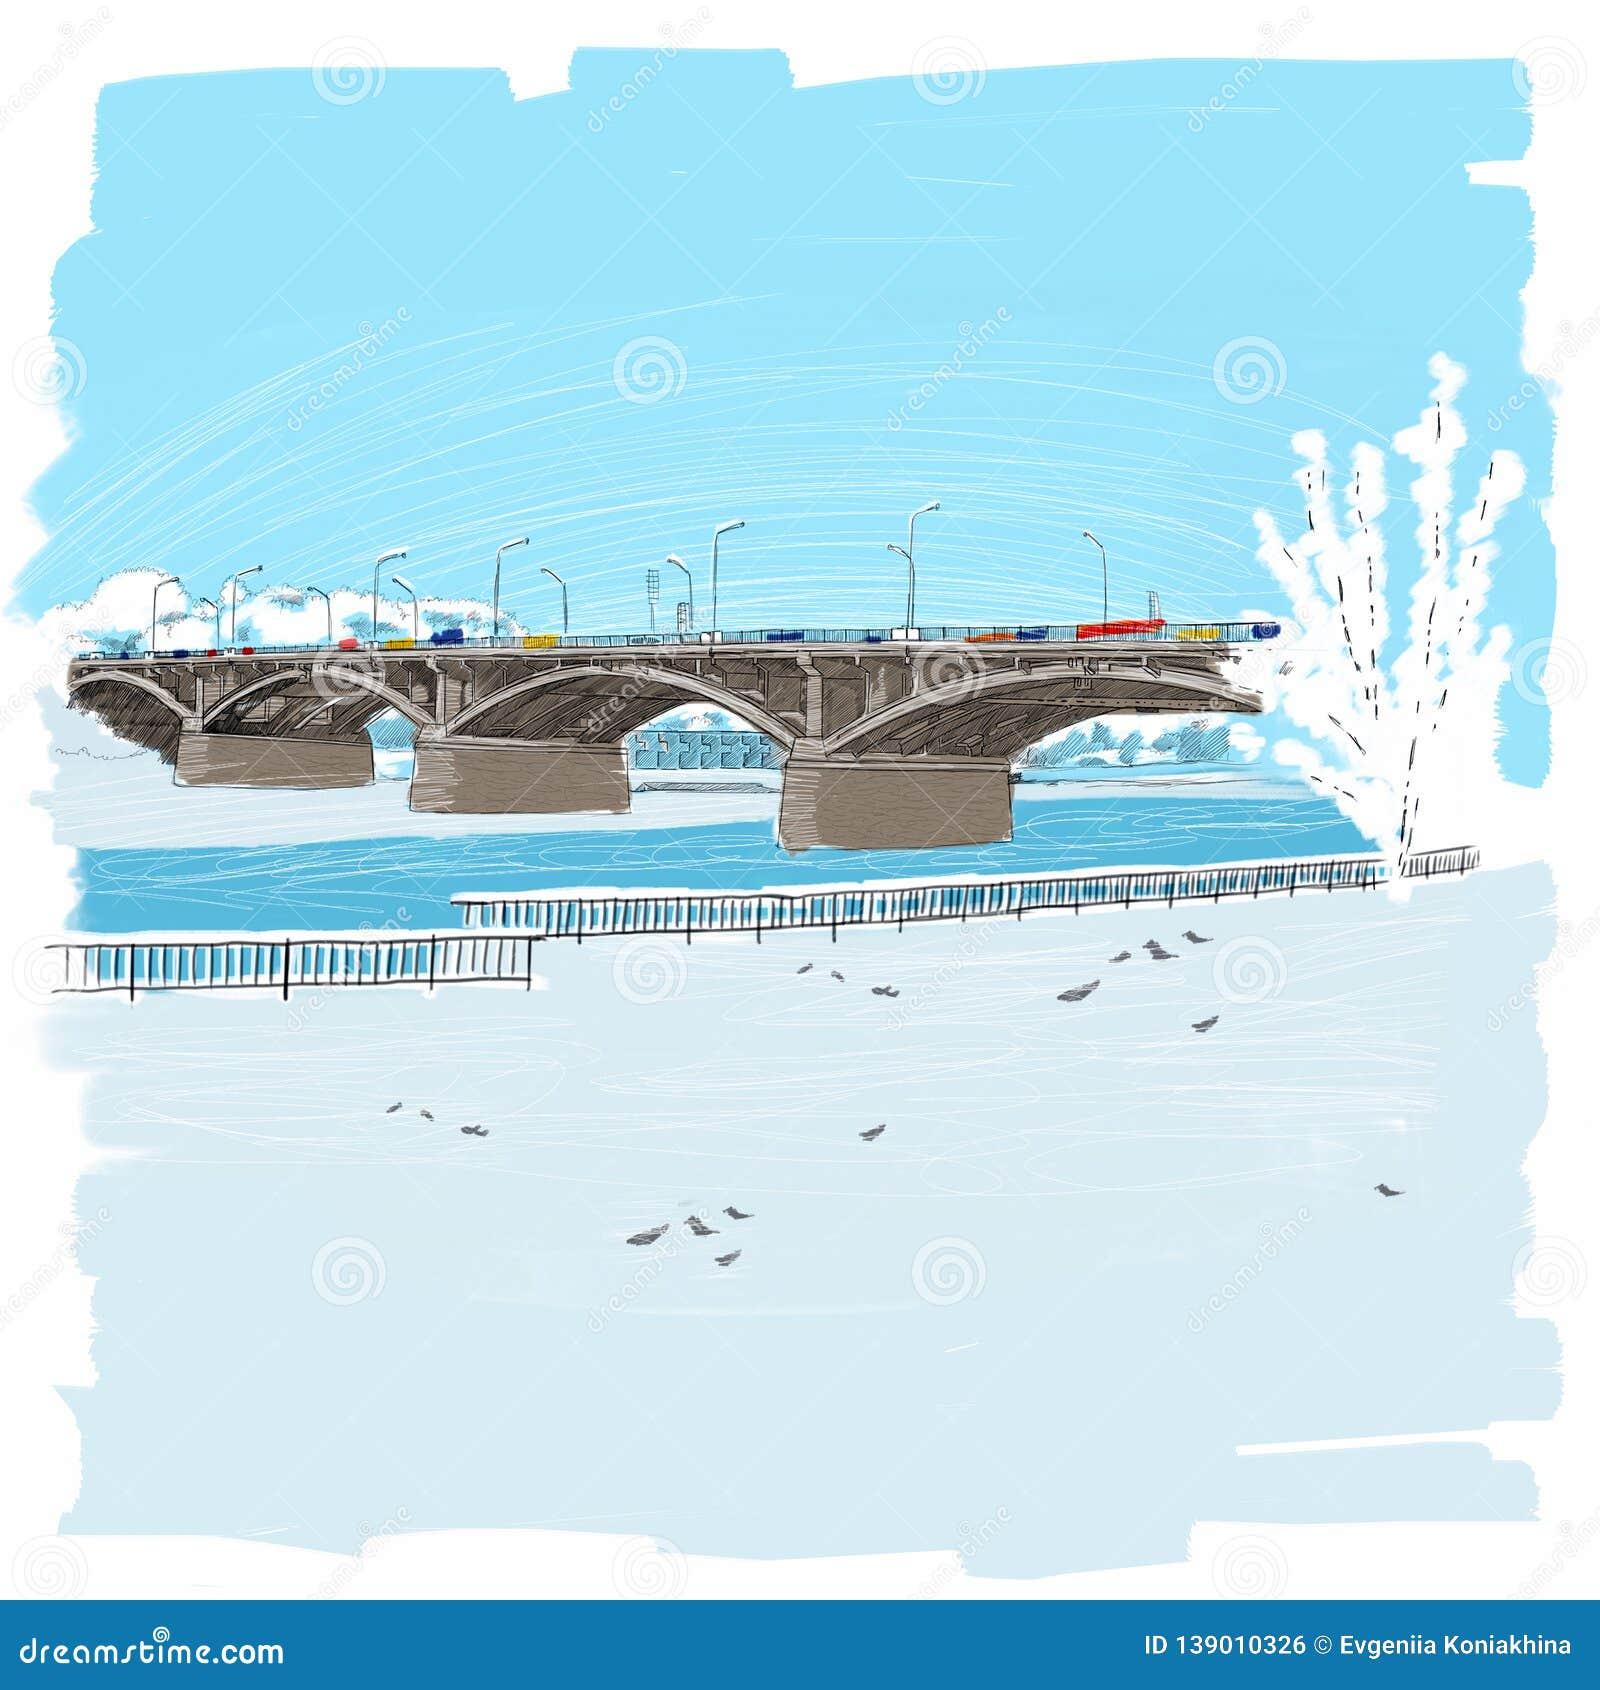 Central bridge in Krasnoyarsk illustration